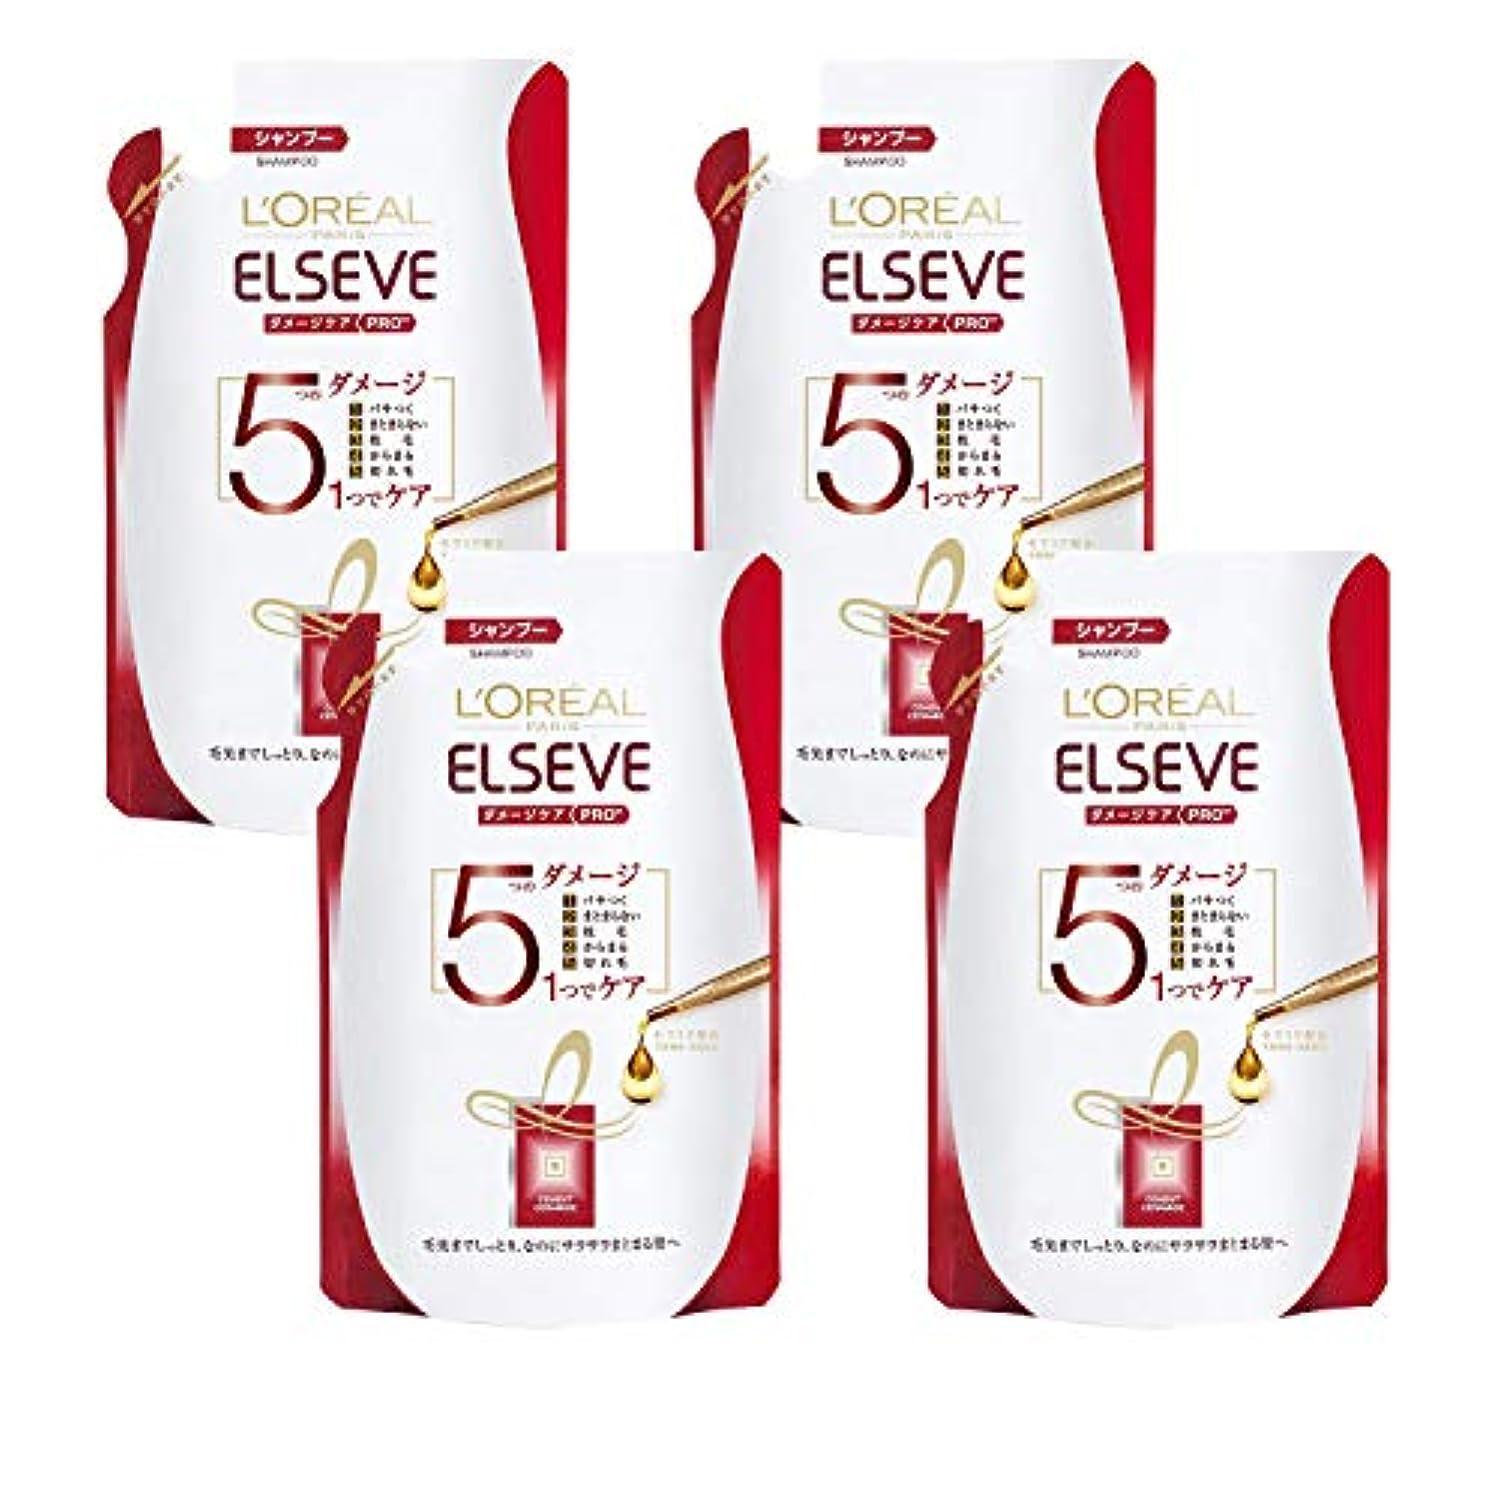 お勧めピック契約する【4袋セット】 エルセーヴ ダメージケアPROEXシャンプー レフィル × 4袋